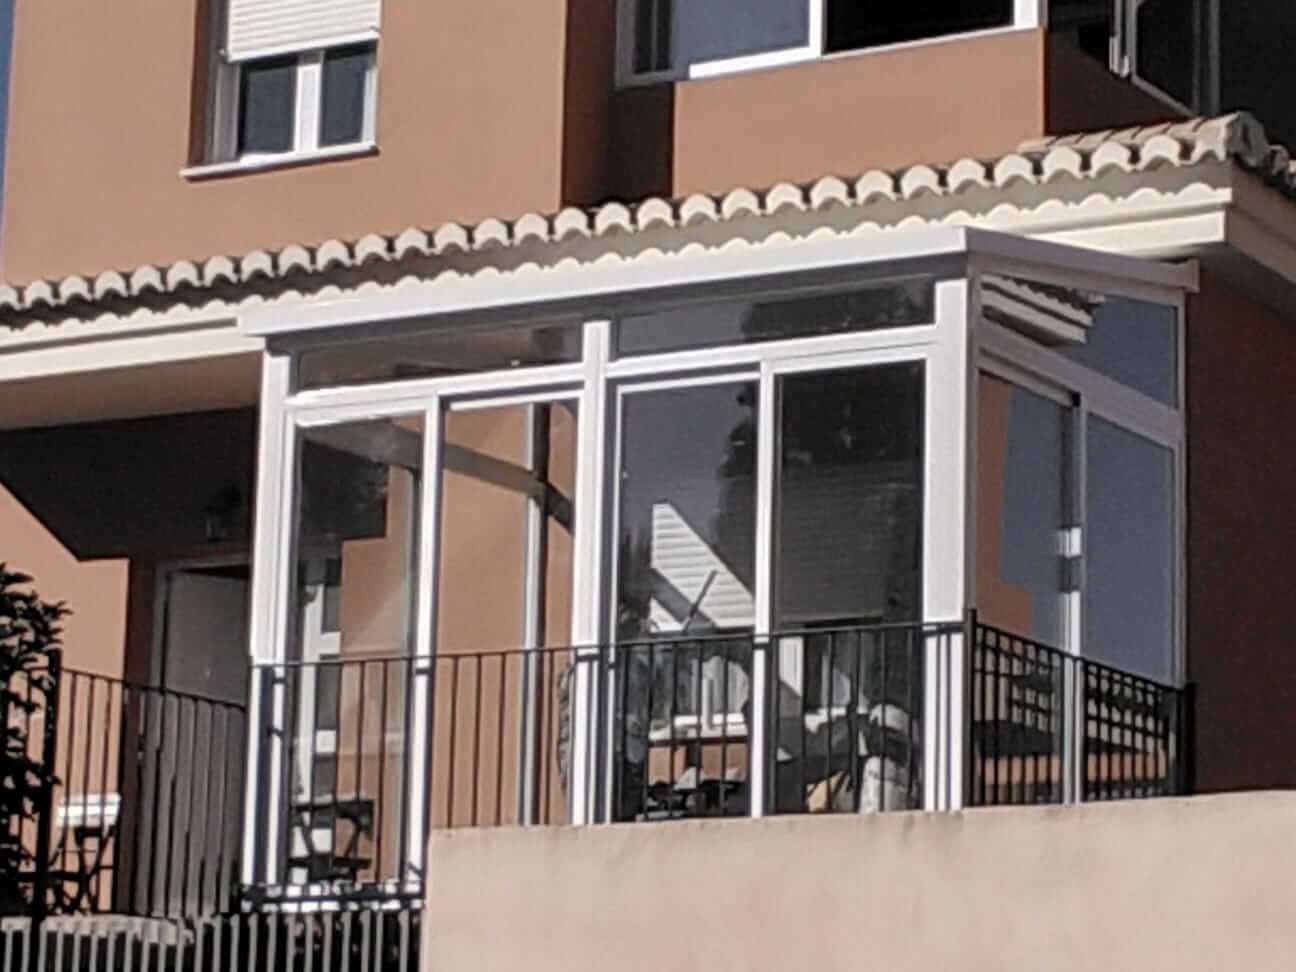 Cerramiento acristalado de balcón exterior casa unifamiliar. Vista desde exterior vivienda